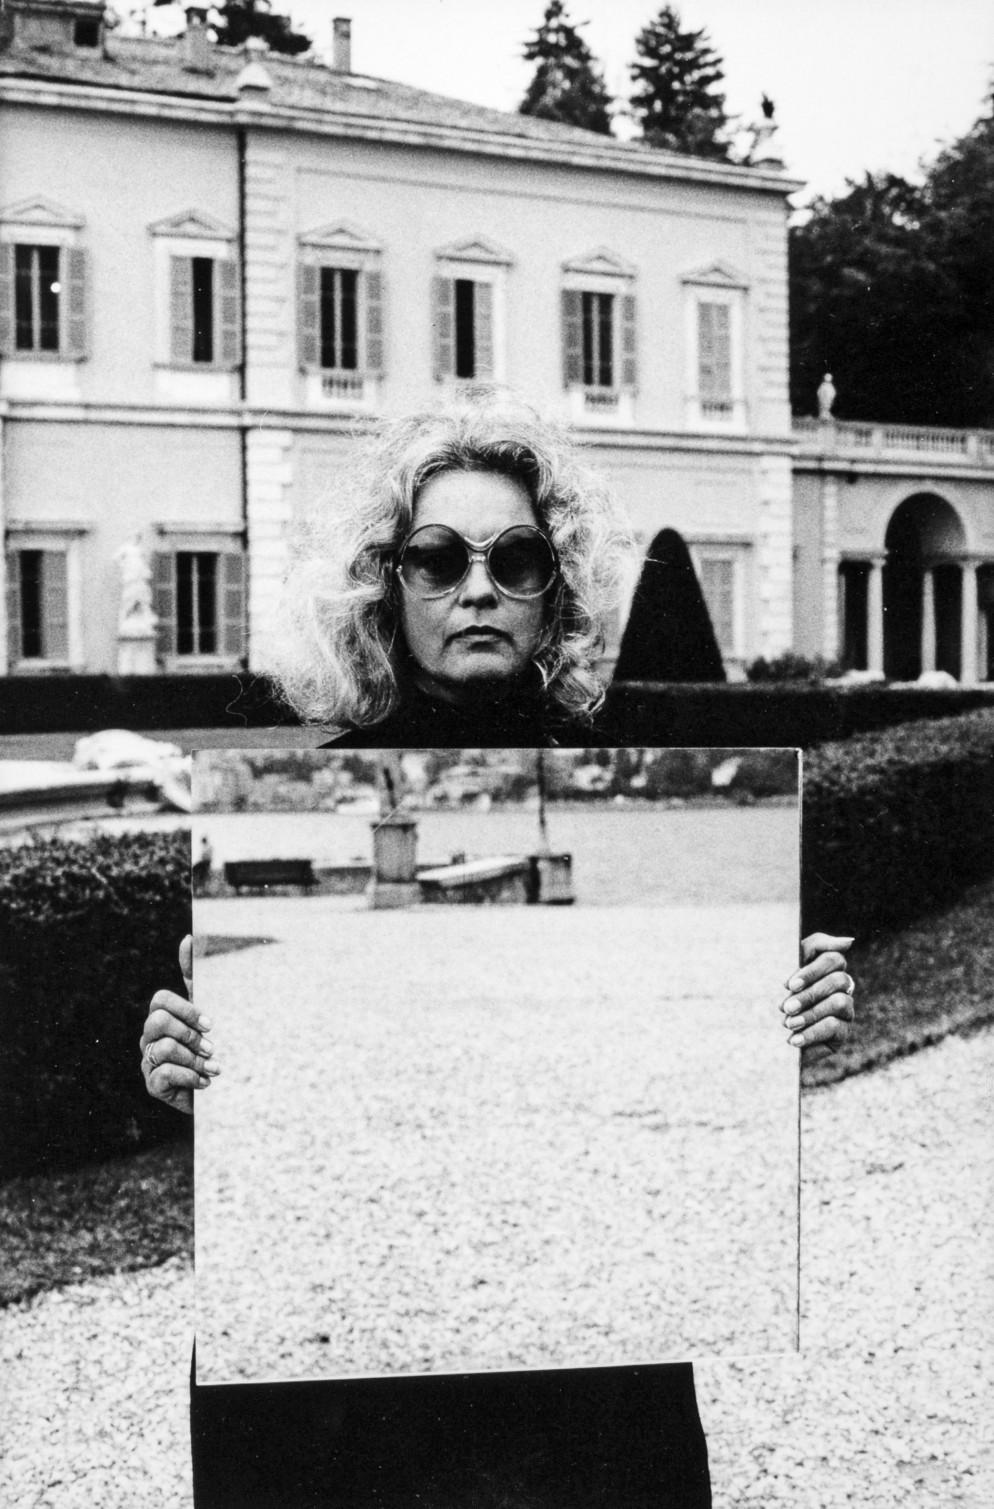 9. Spazio, suono, immagine, Tautologia di immagine, Nanda Vigo, 1979, Villa Olmo, Como © Archivio Nanda Vigo